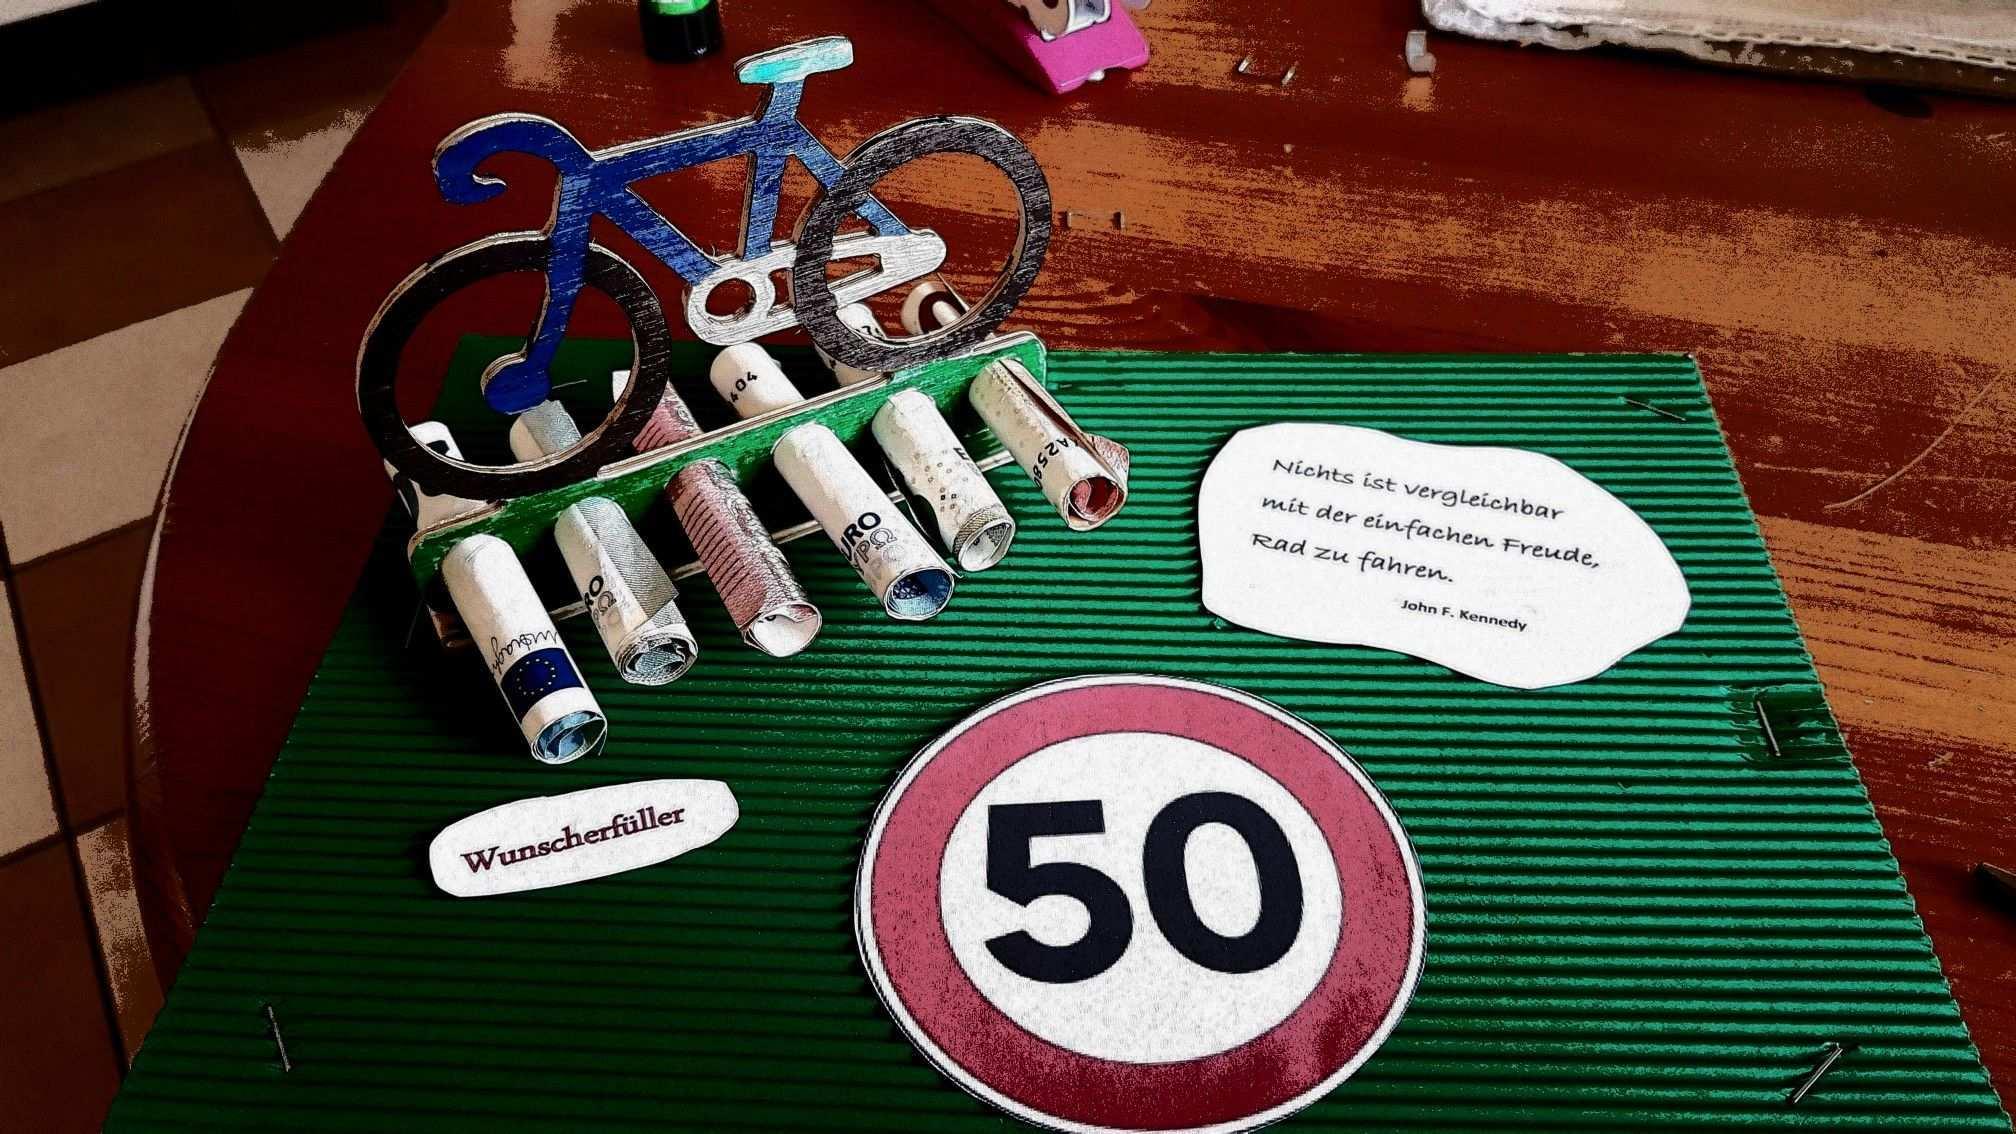 Gutschein Fur Fahrrad Zum 50 Geburtstag